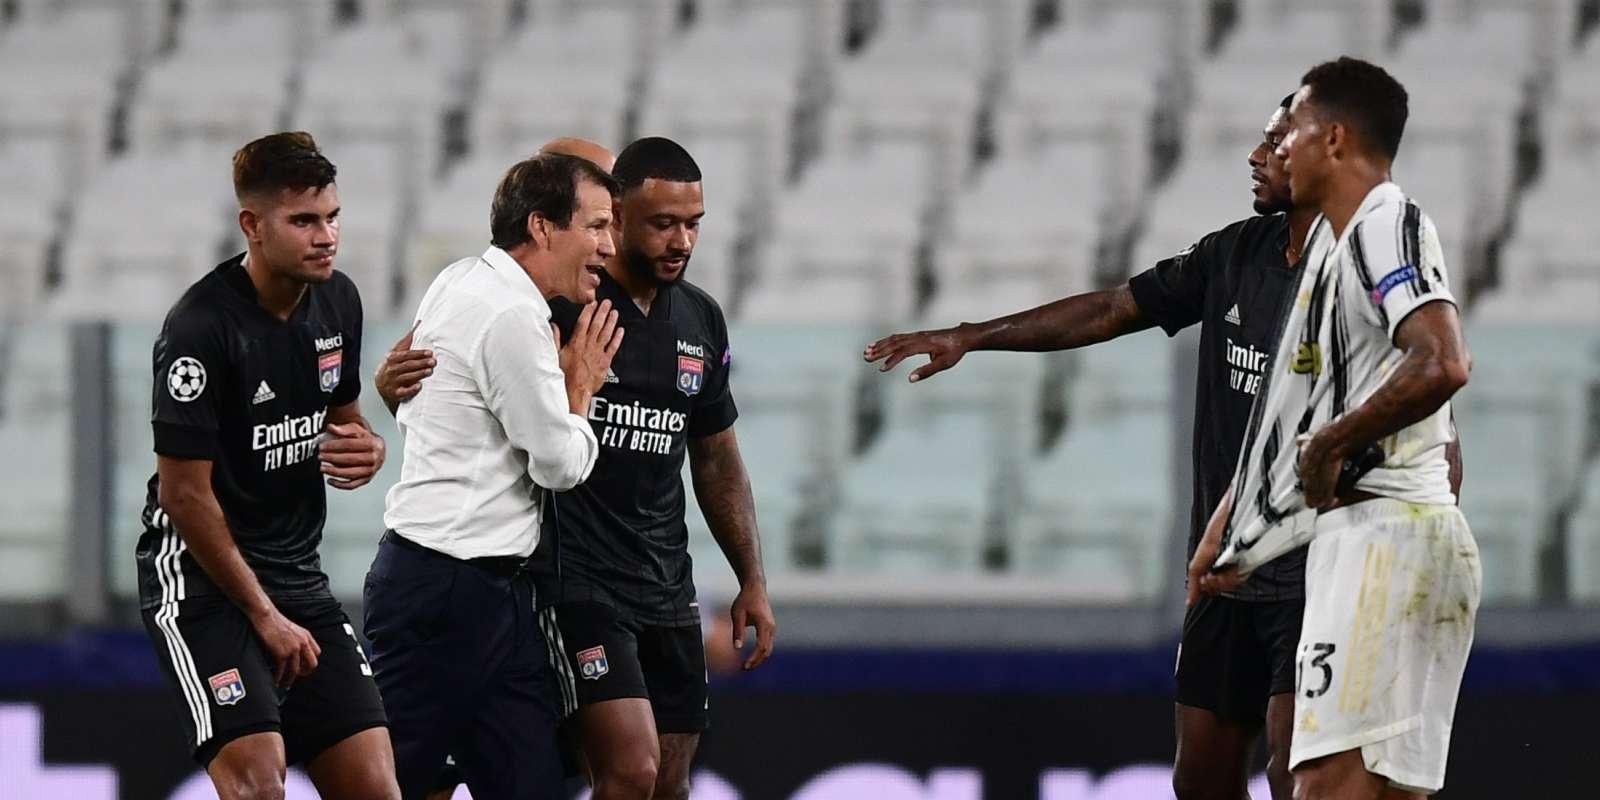 Rudi Garcia et ses joueurs peuvent exulter : ils ont éliminé la Juventus à Turin.